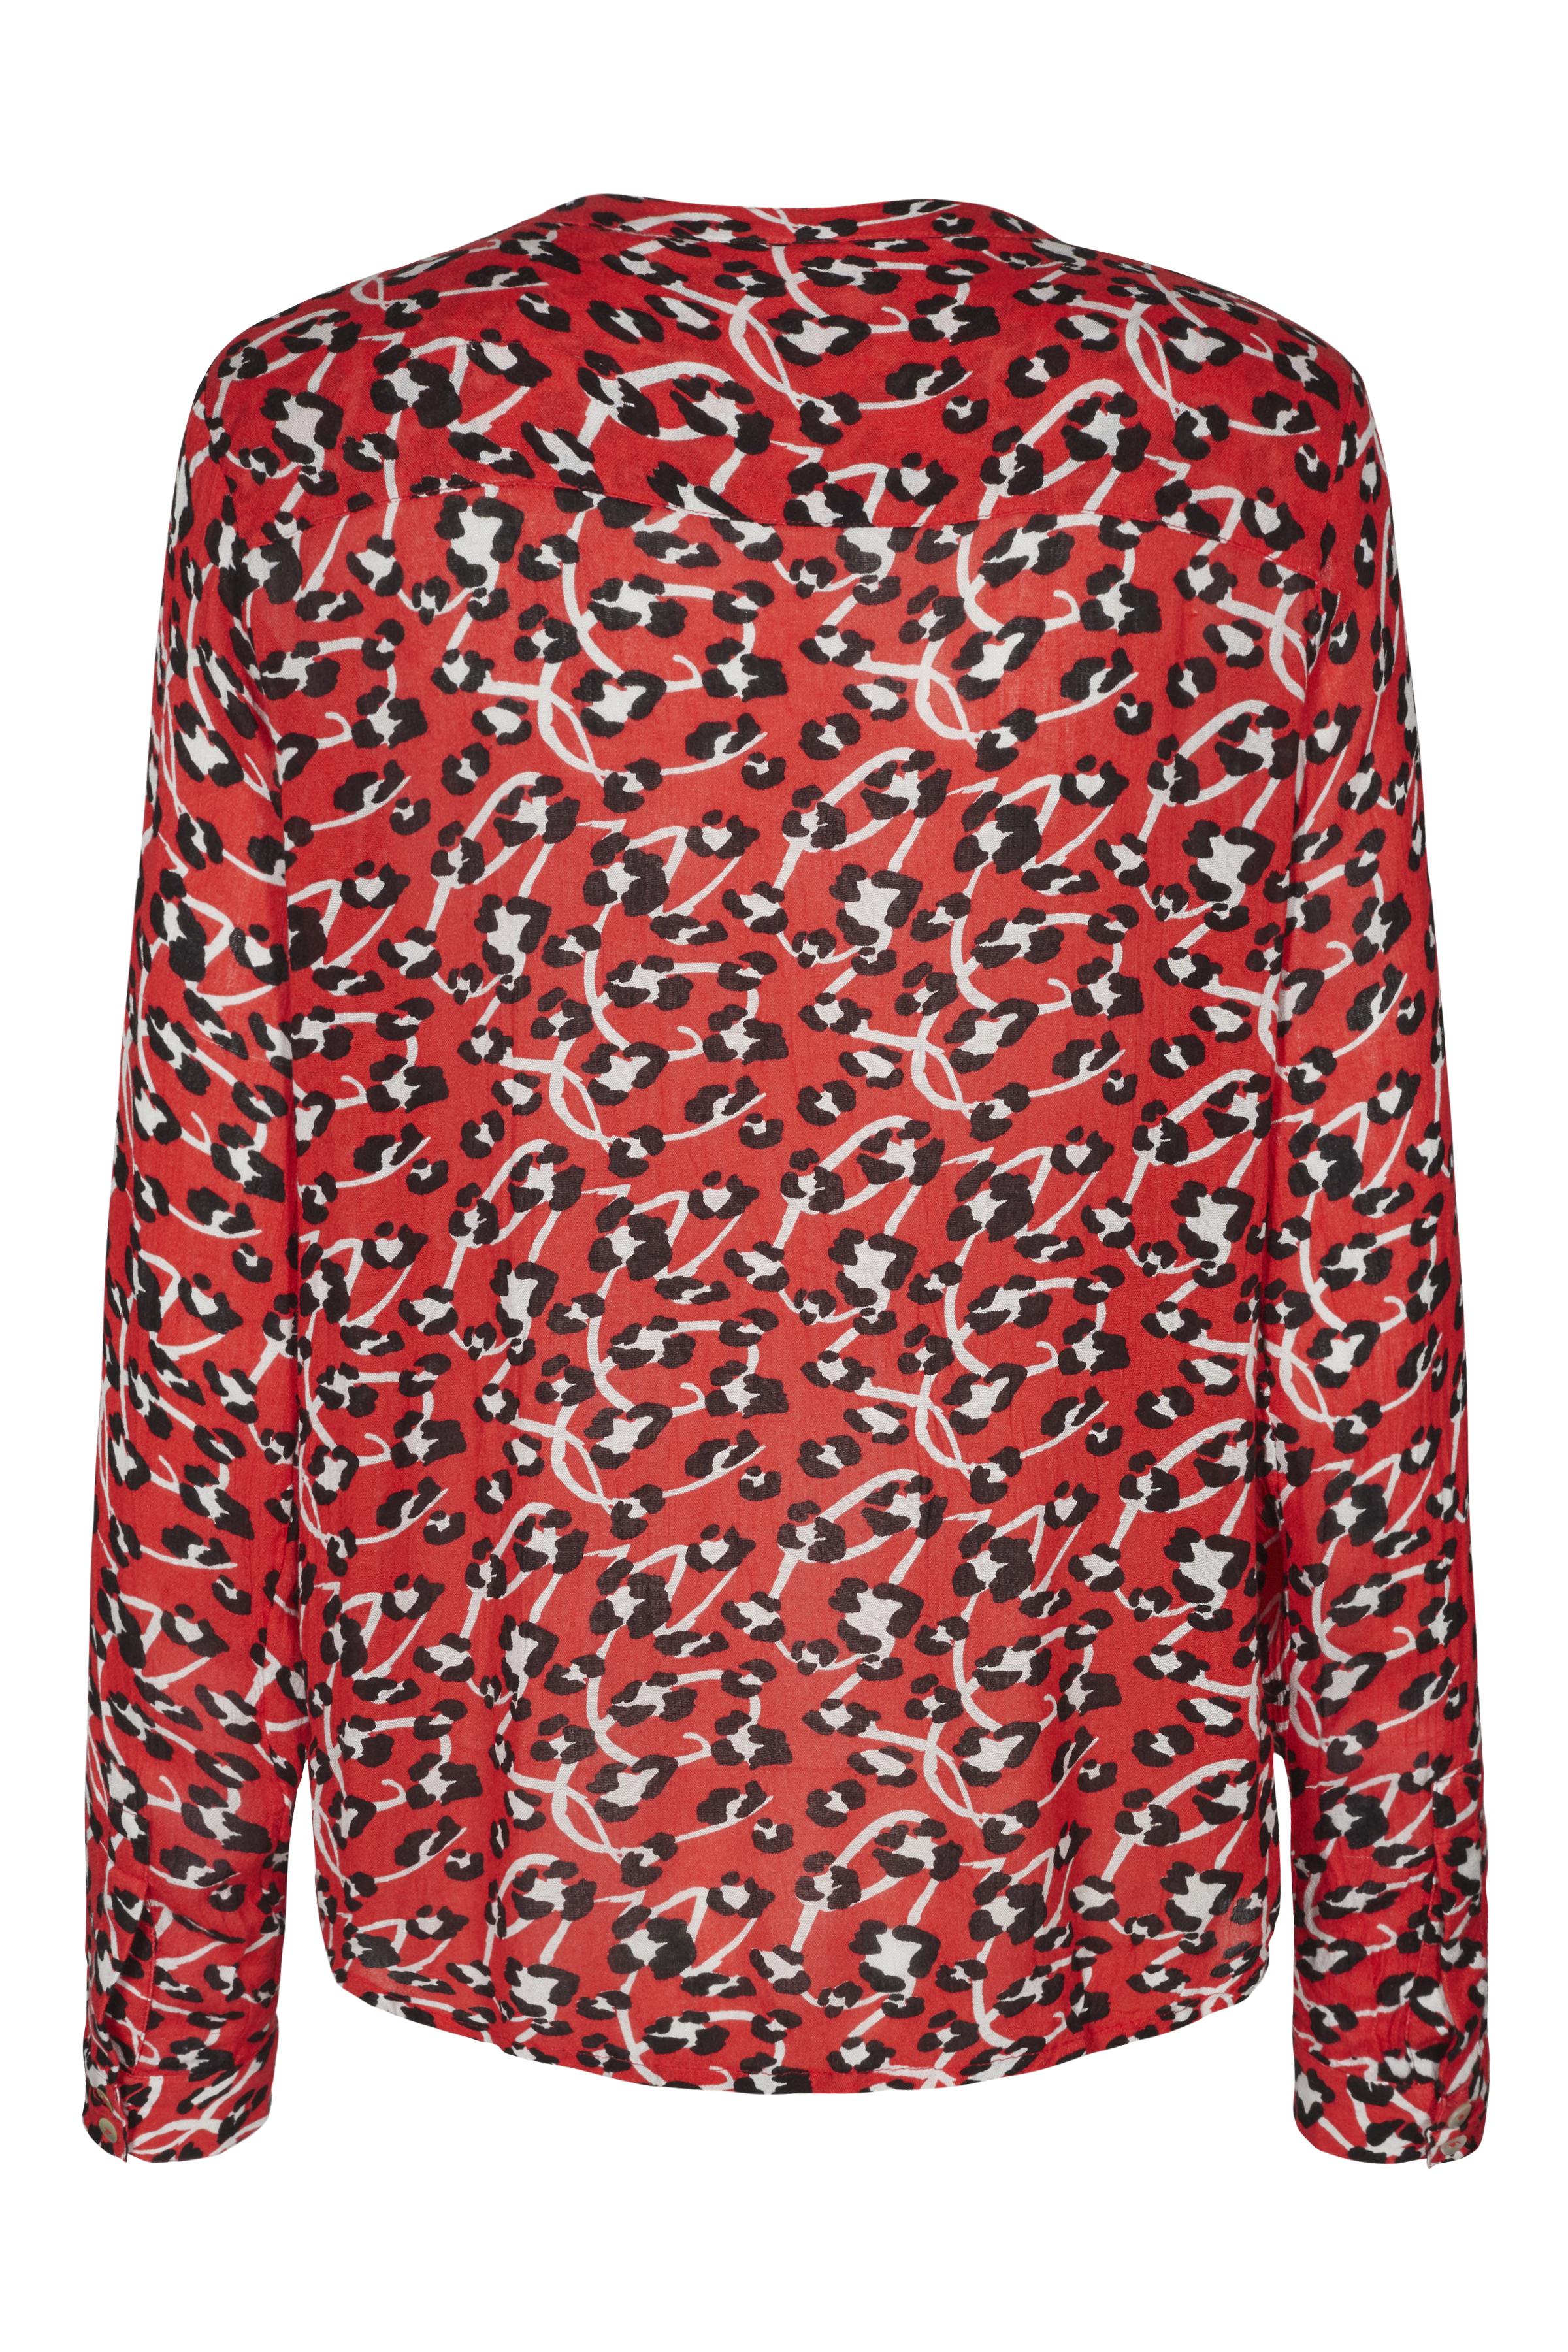 Röd/svart Långärmad skjorta från Kaffe – Köp Röd/svart Långärmad skjorta från stl. 34-46 här